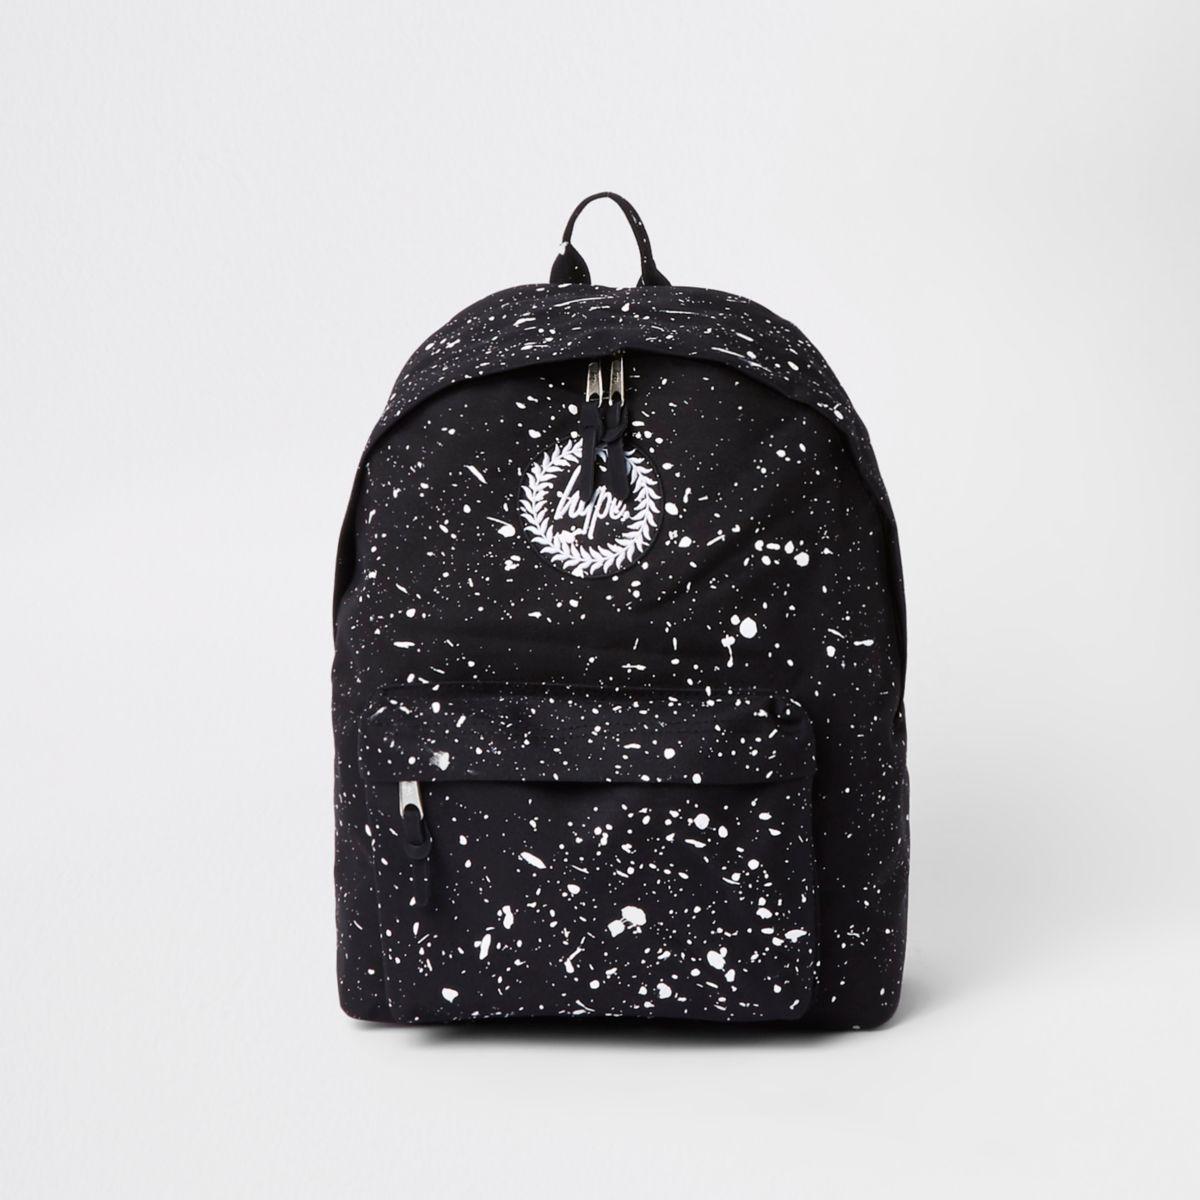 Hype black speckled backpack